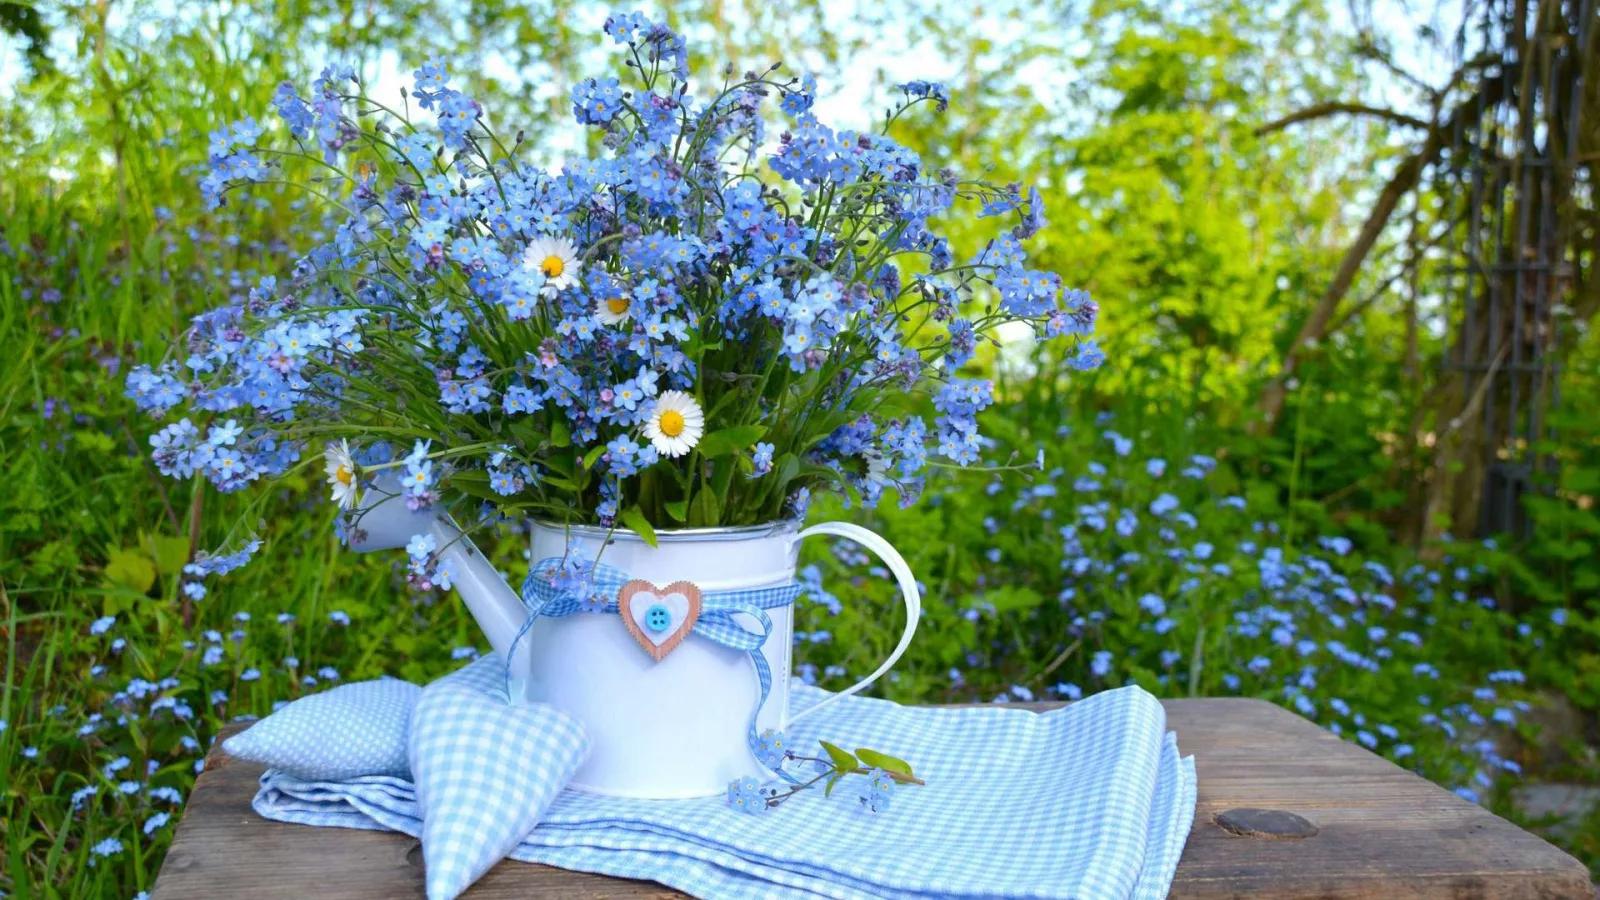 Полевые цветы фото с добрым утром